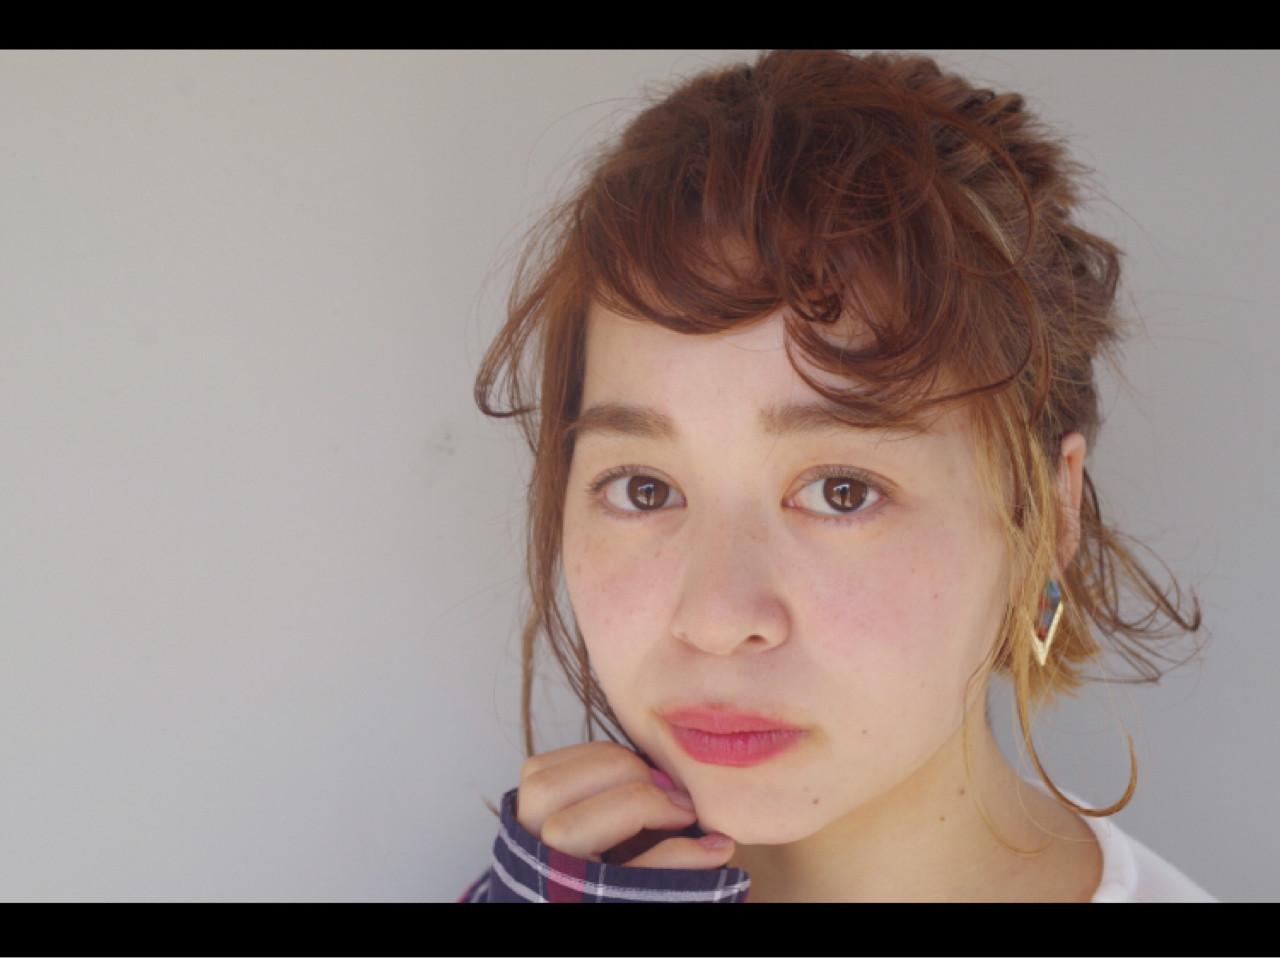 謝恩会 簡単ヘアアレンジ インナーカラー ナチュラル ヘアスタイルや髪型の写真・画像